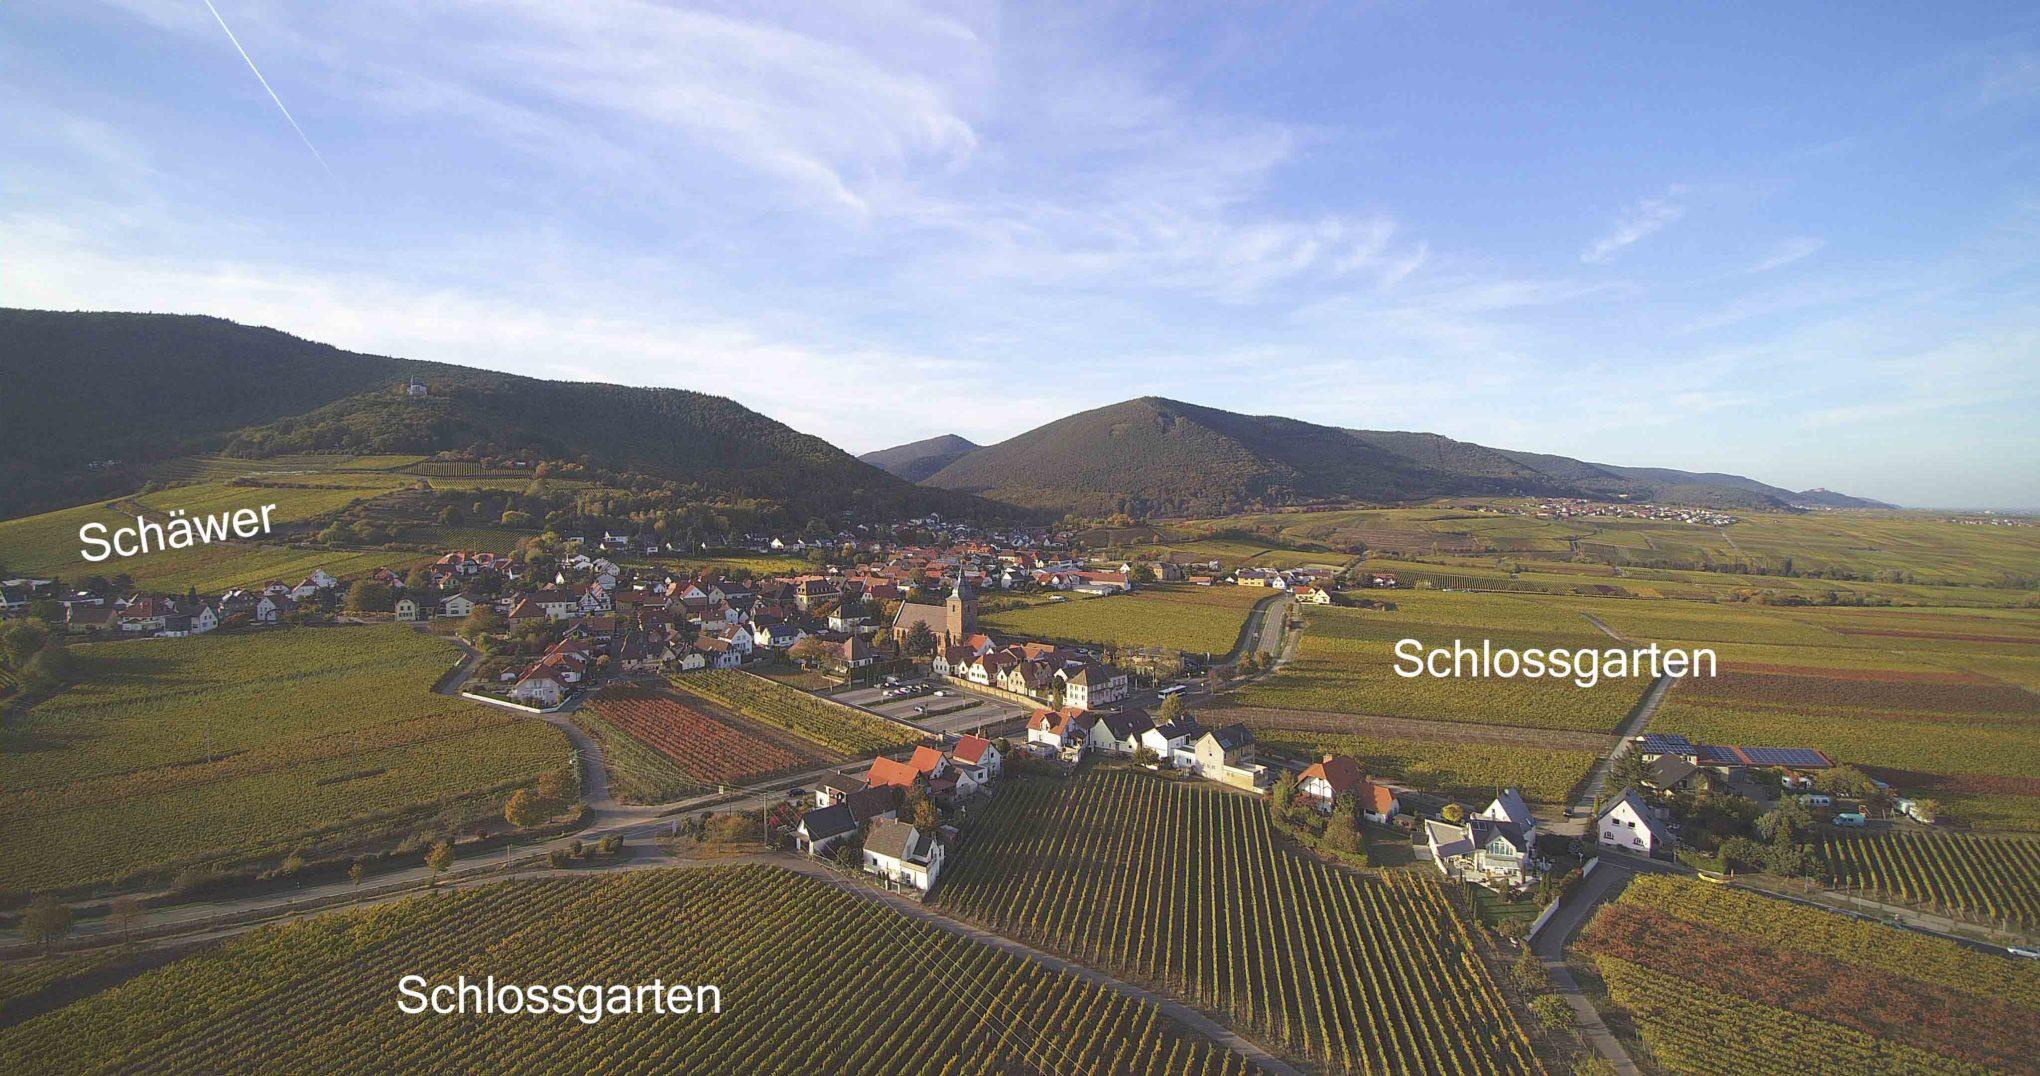 Schlossgarten und Schäwer